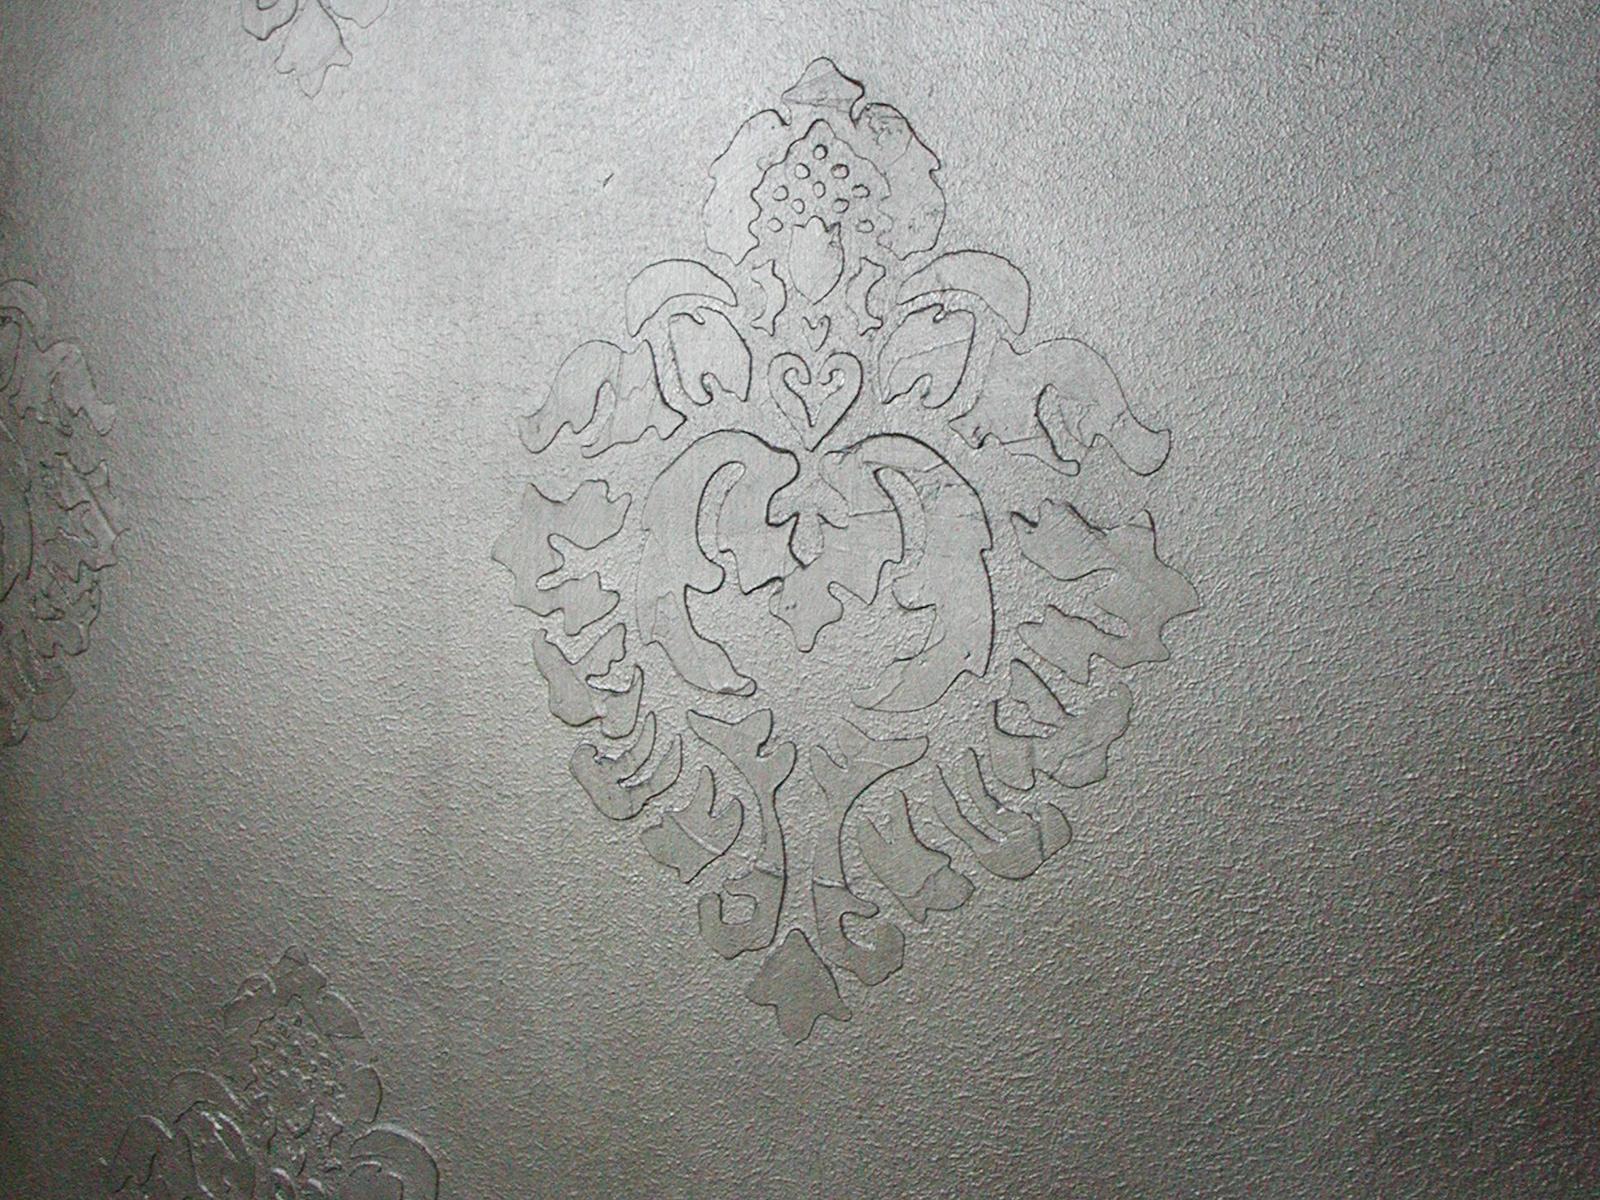 Giglio a rilievo in foglia argento, abitazione privata, Monza e Brianza